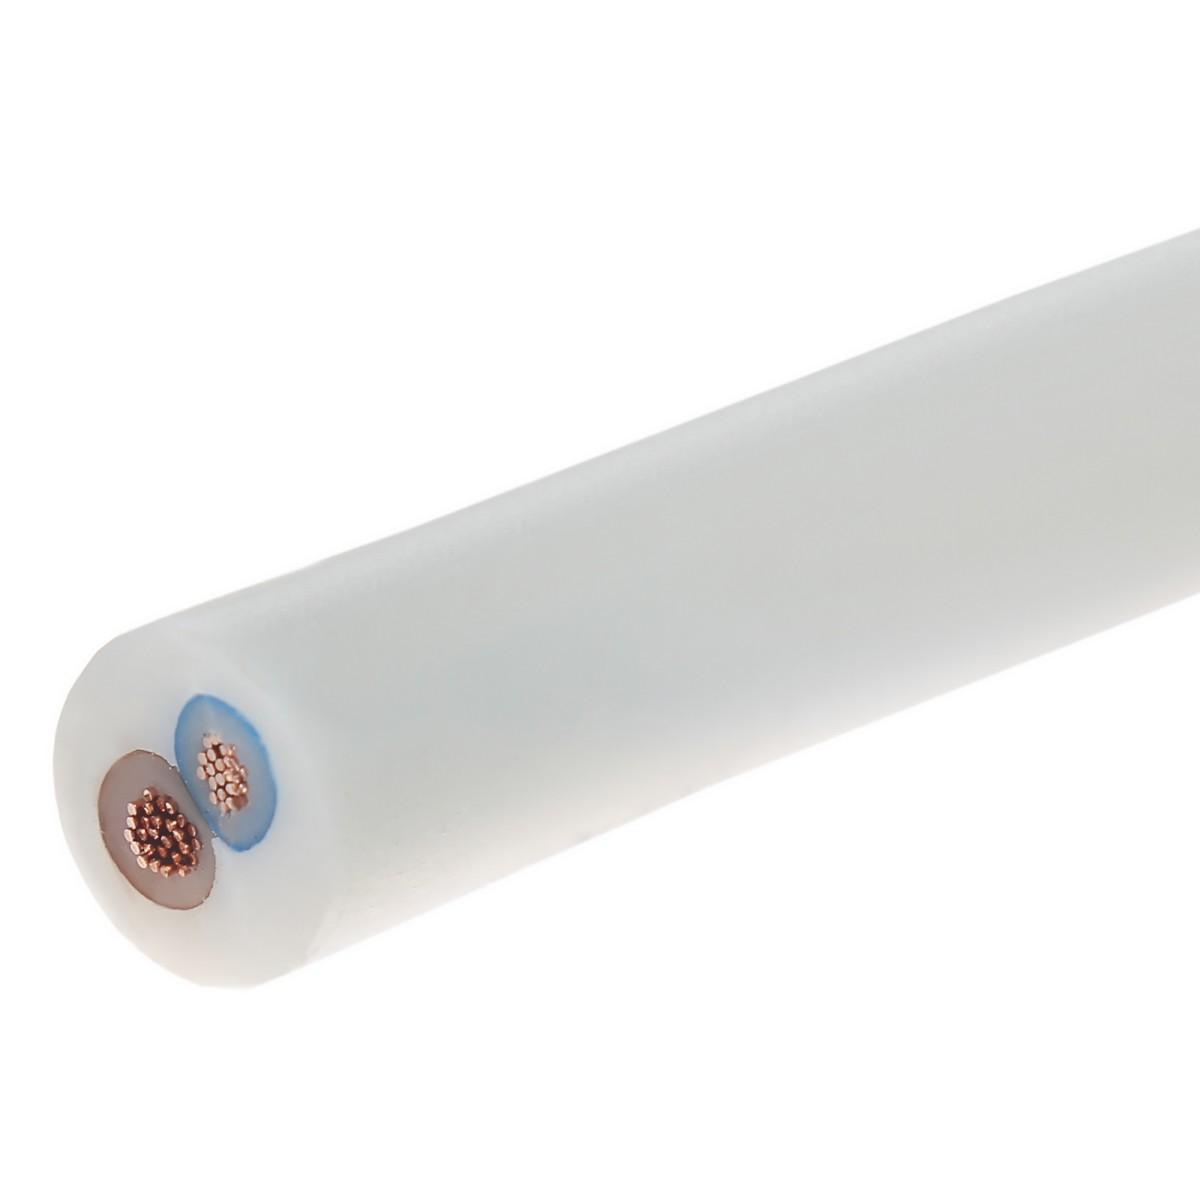 Провод Electraline ПВС 2х1.5 100 м (ГОСТ)